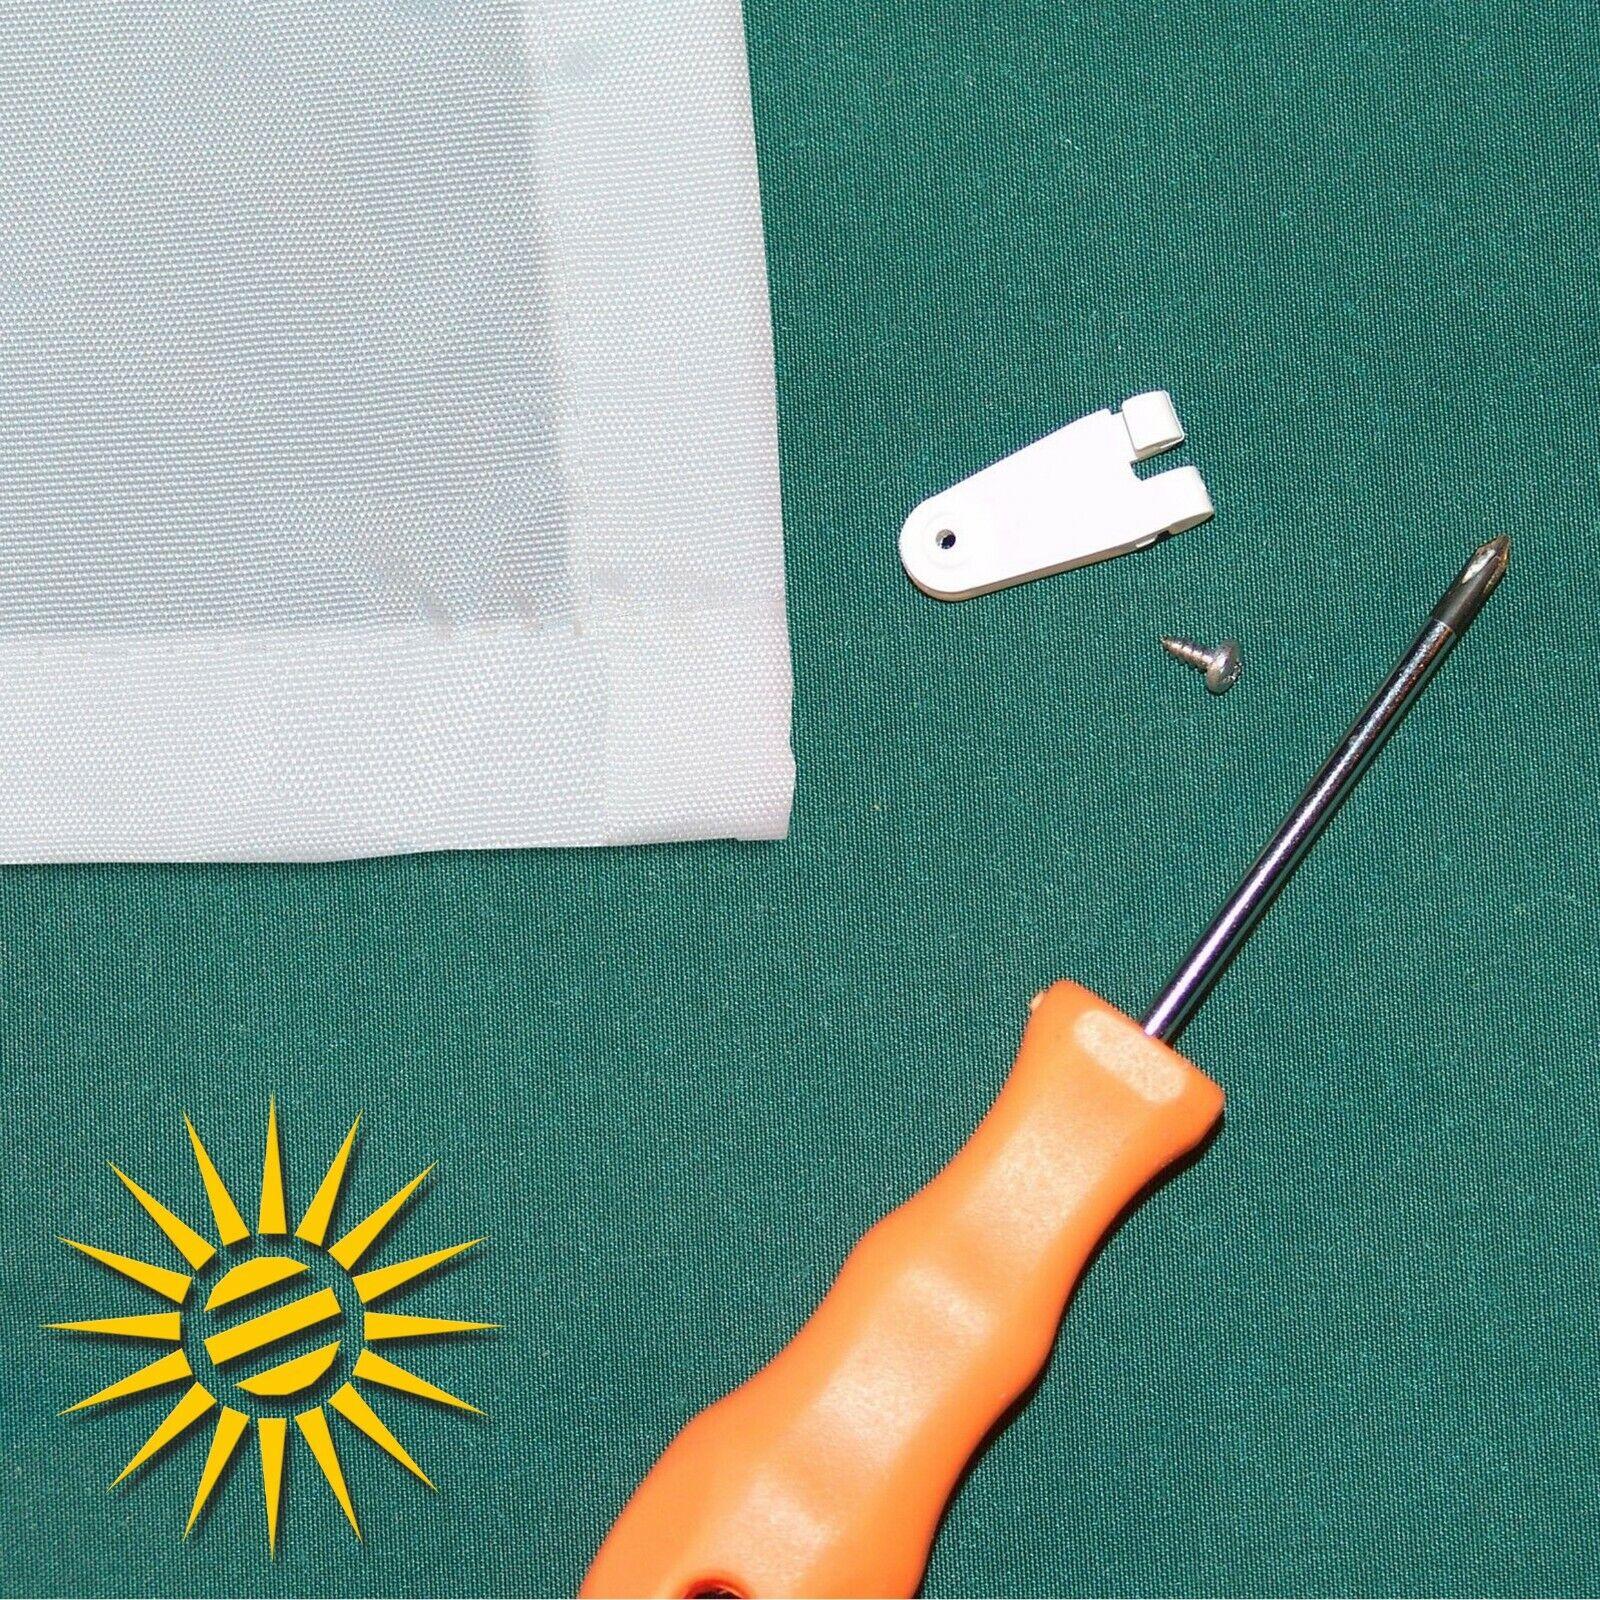 Sonnensegel terracotta terracotta terracotta ca. 420x140 cm 30 Laufhaken Seilspannmarkise Wintergarten | Verkaufspreis  | Niedriger Preis  | Angemessene Lieferung und pünktliche Lieferung  870d5b